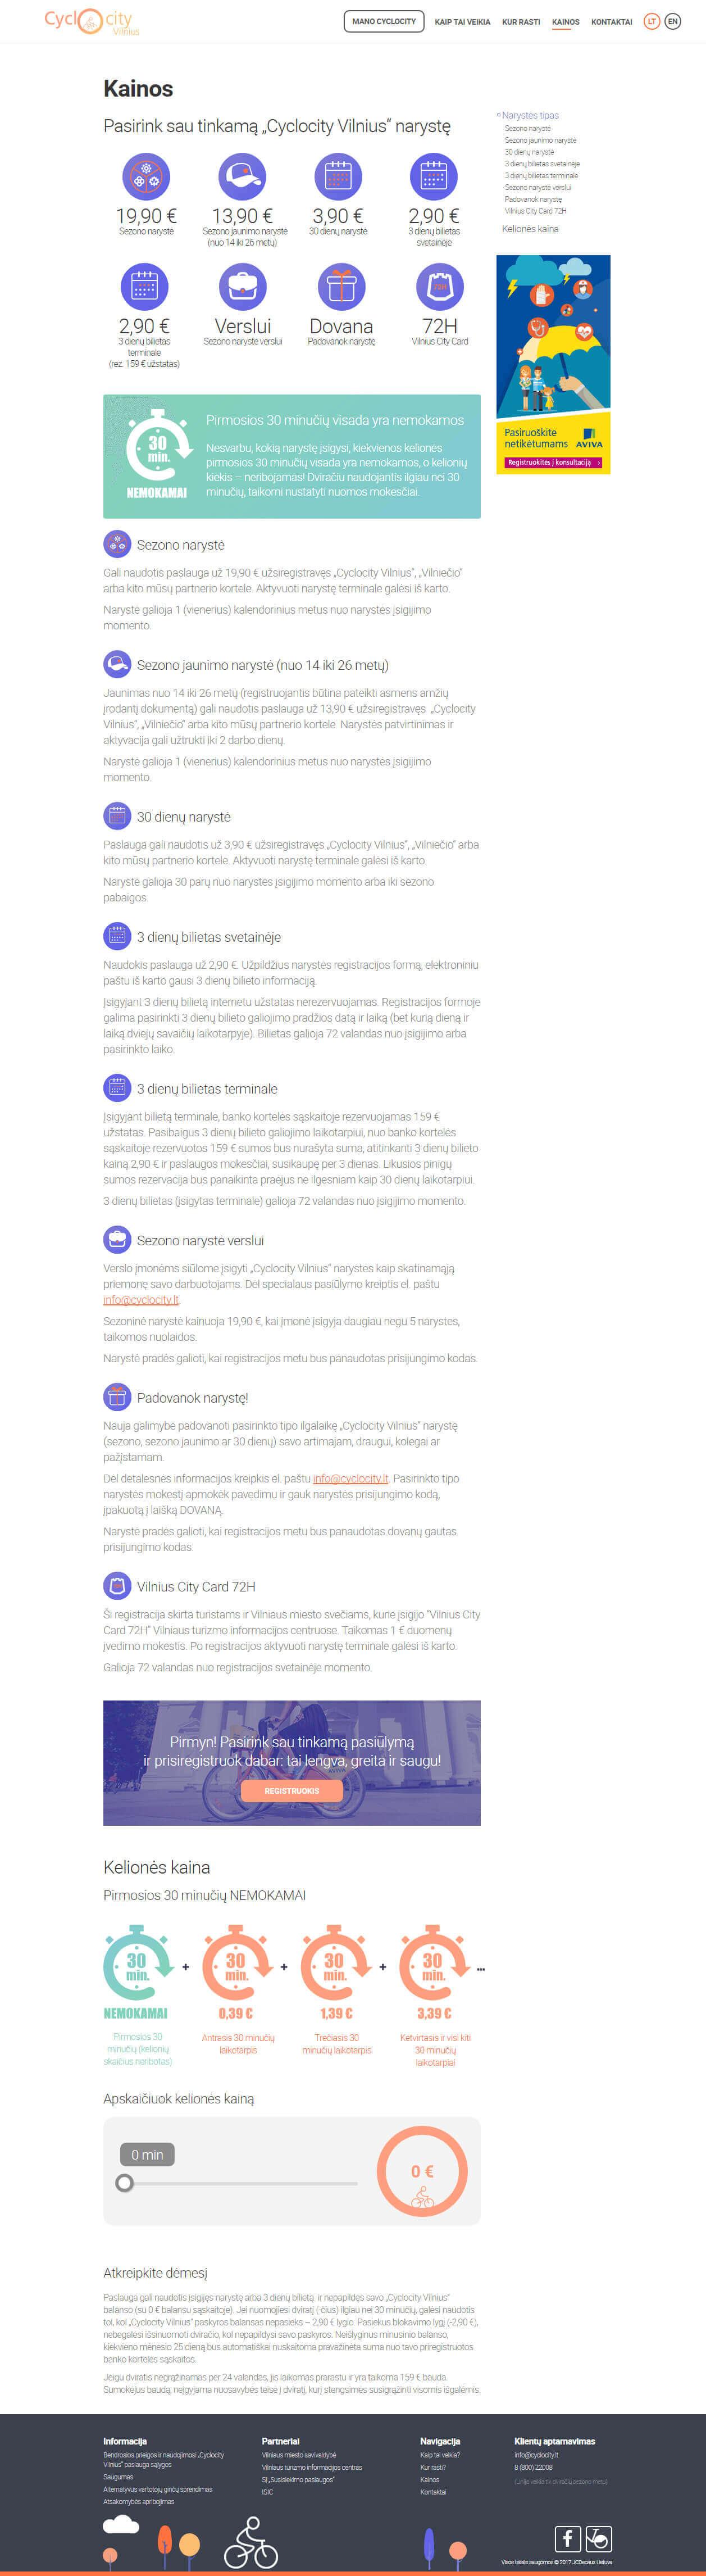 Cyclocity - WEBGuru interneto svetainių kūrimas